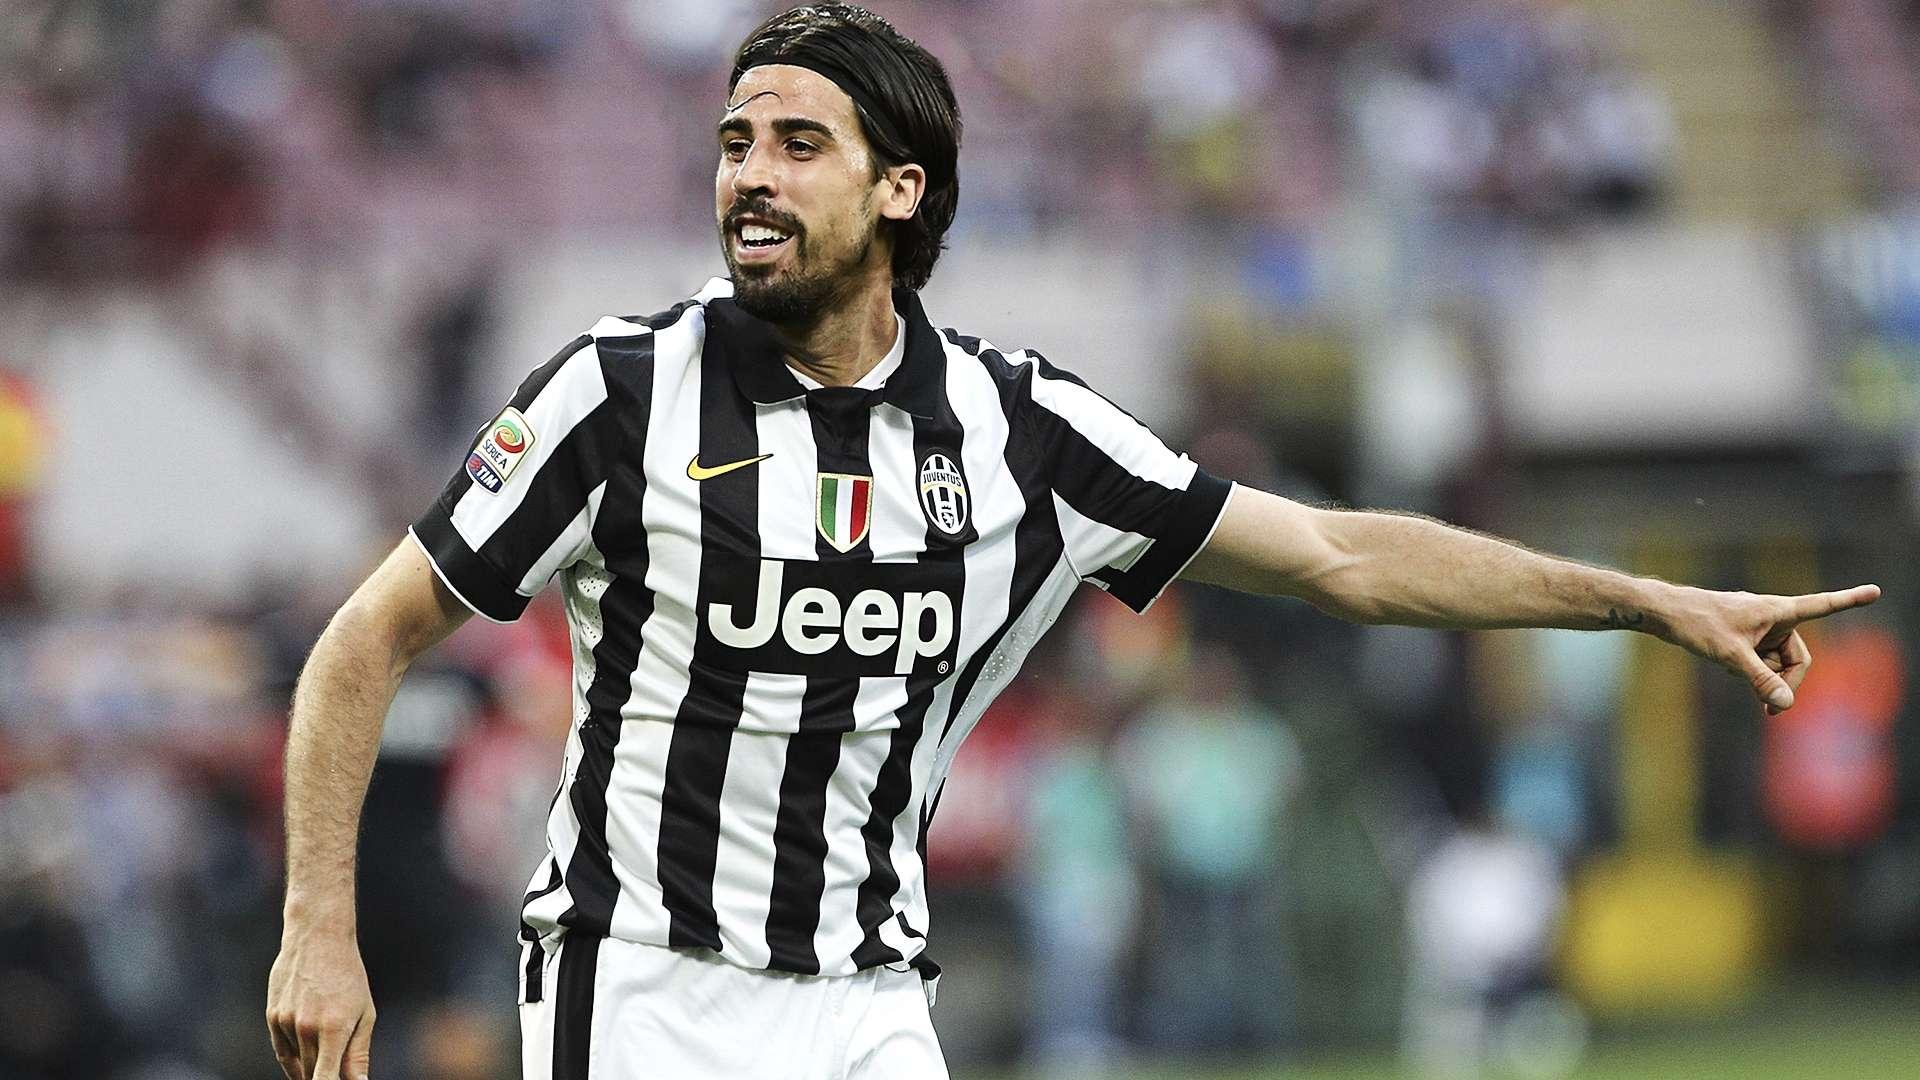 Sami-Khedira-Juventus (1)